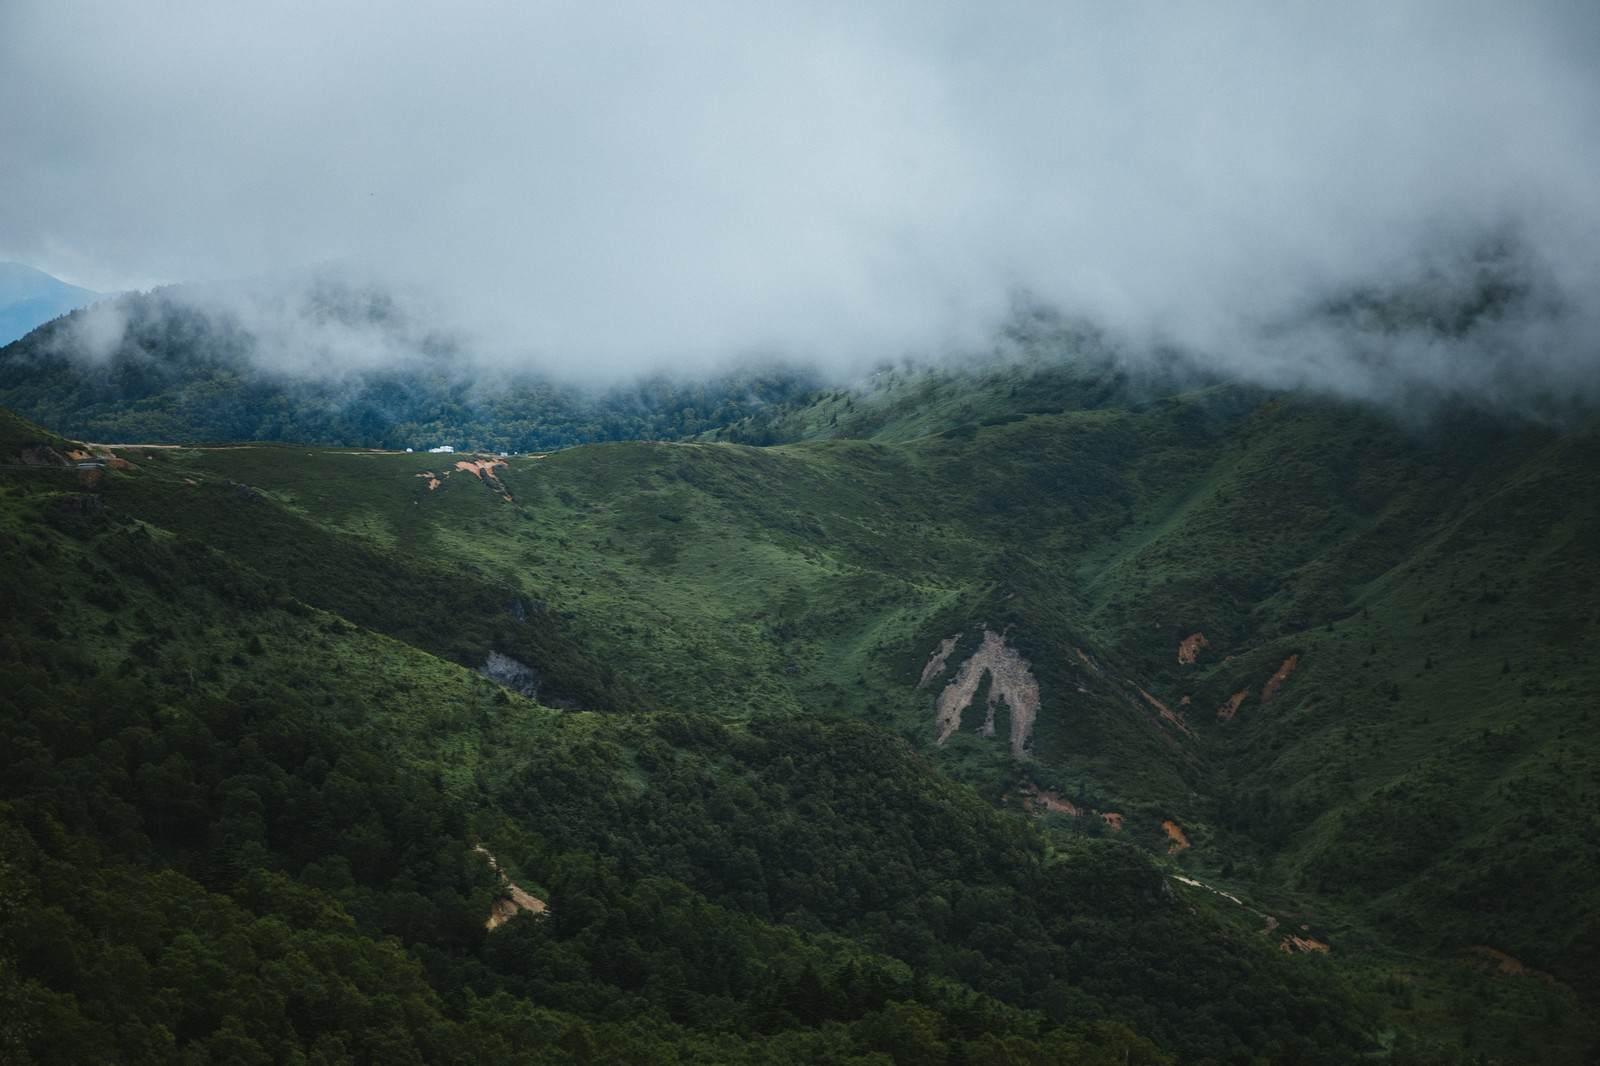 山にまつわる怖い話『雲取山の闇』|洒落怖・山の怪談